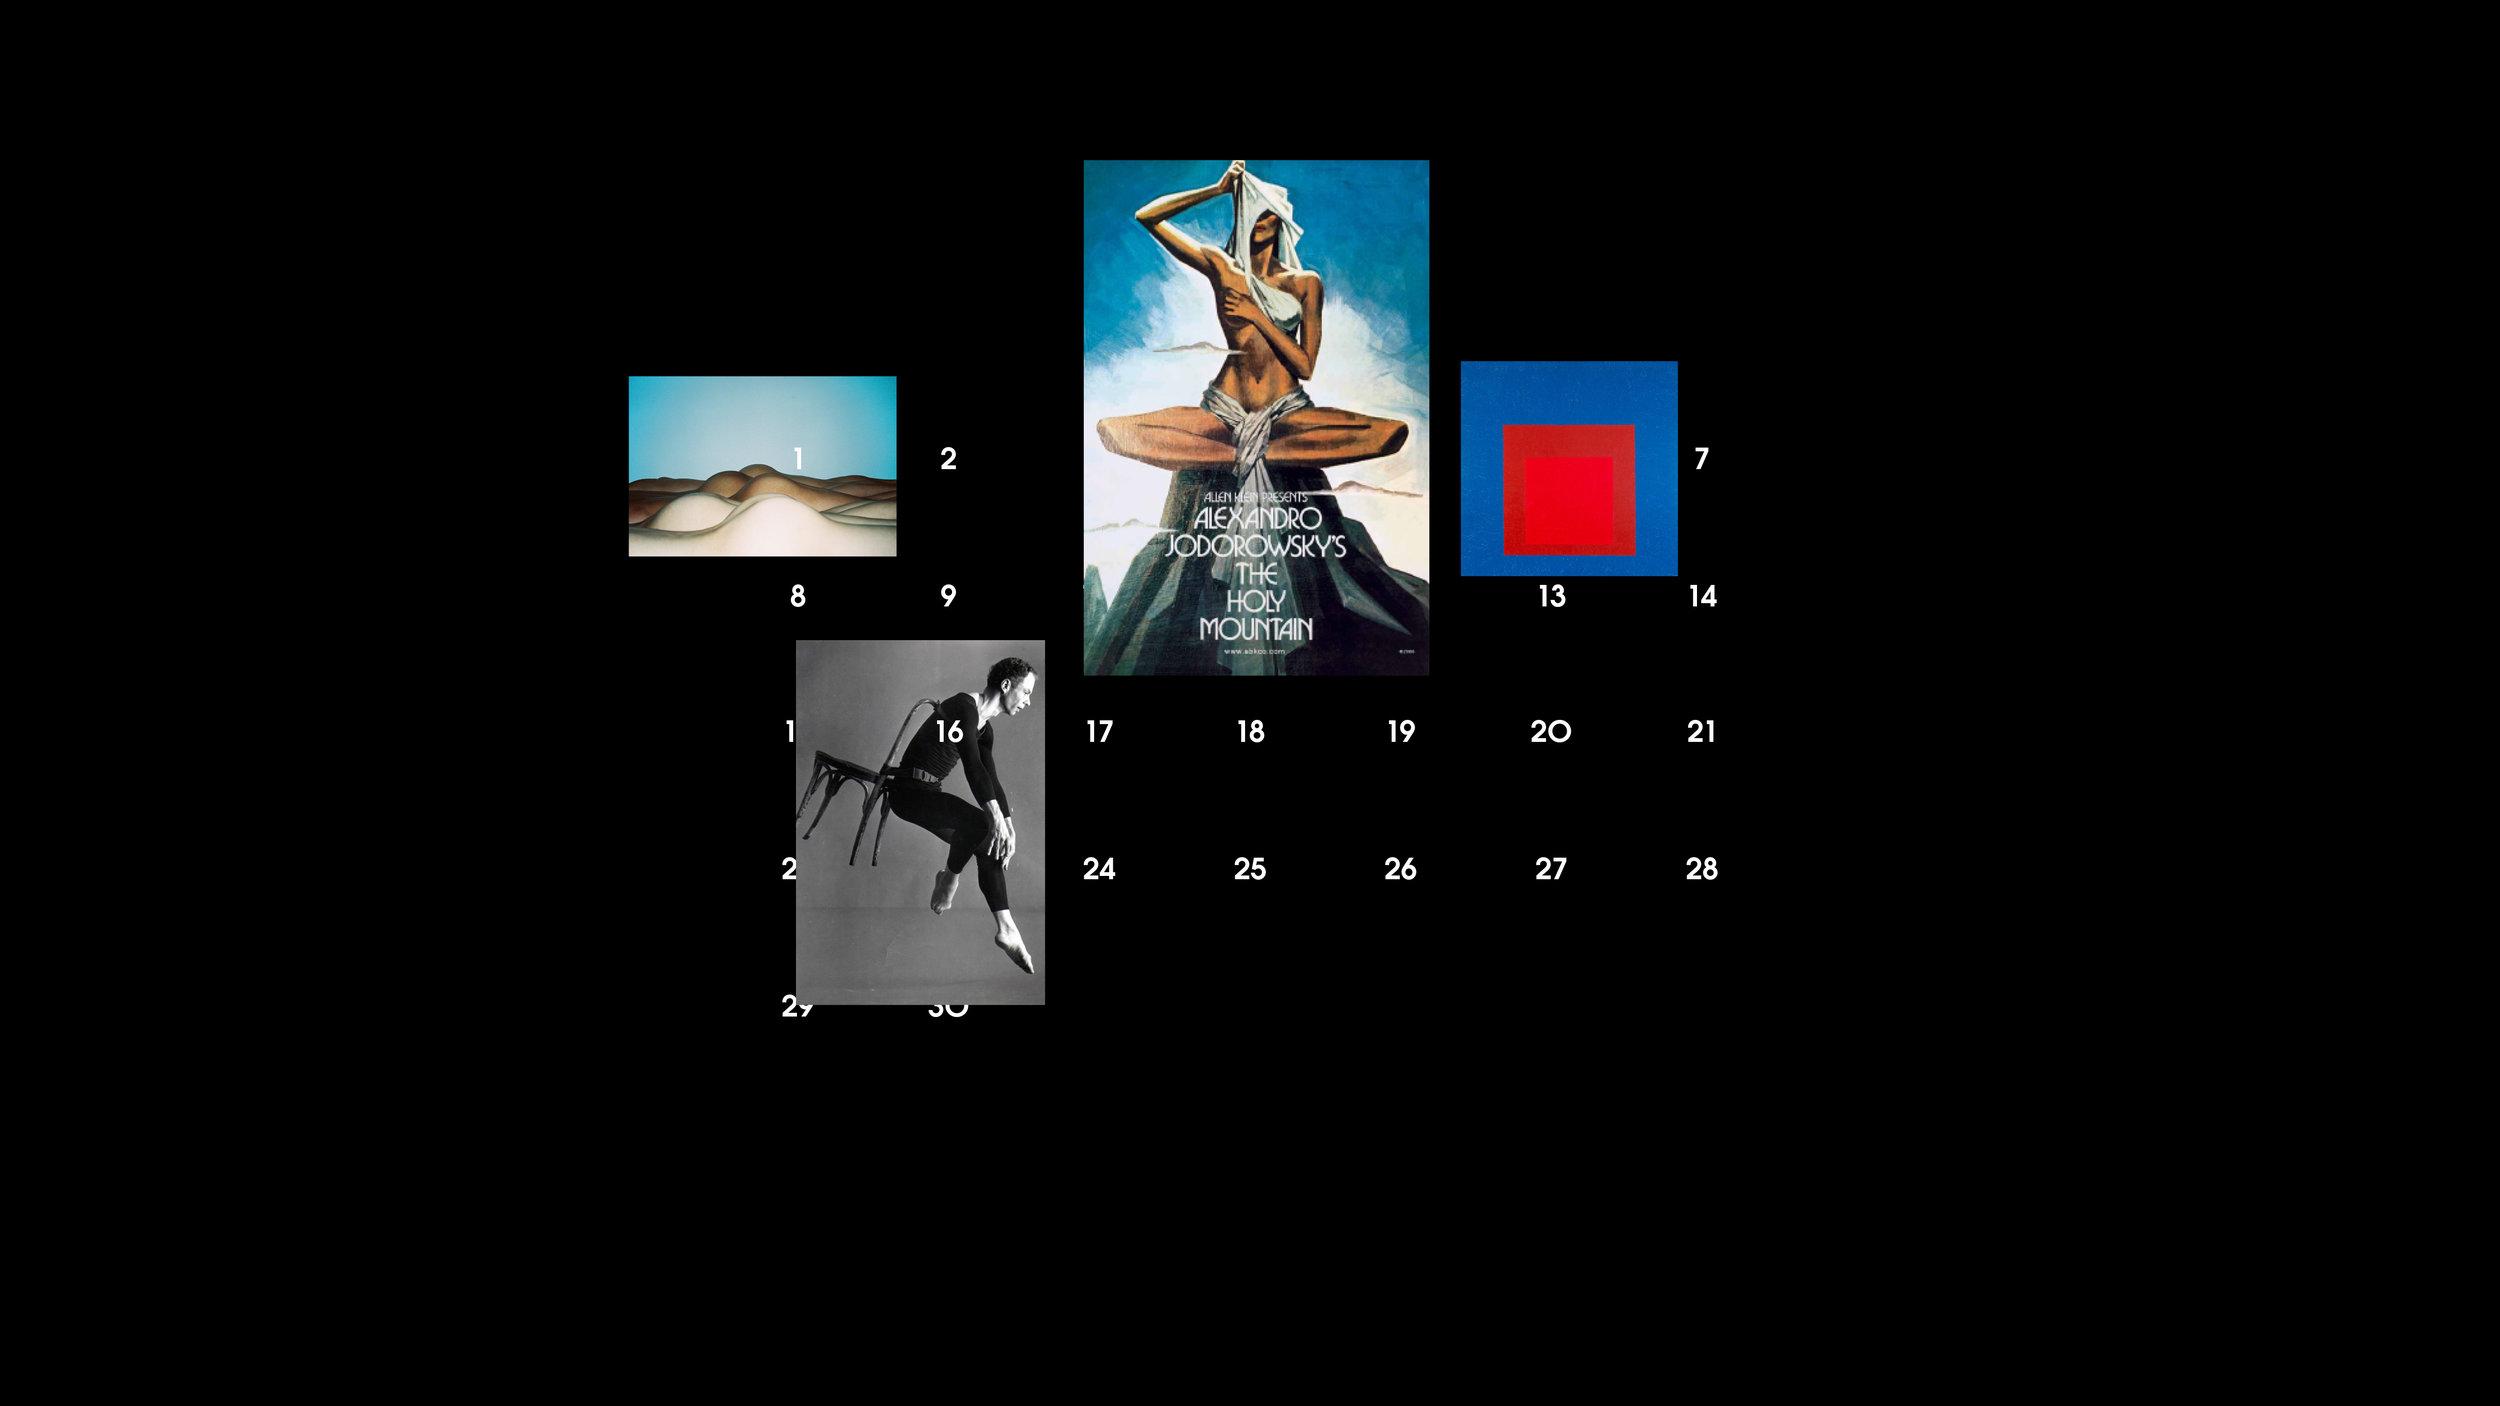 Folie-A-Plusieurs-Parfum-April-2019-now-banner2.jpg